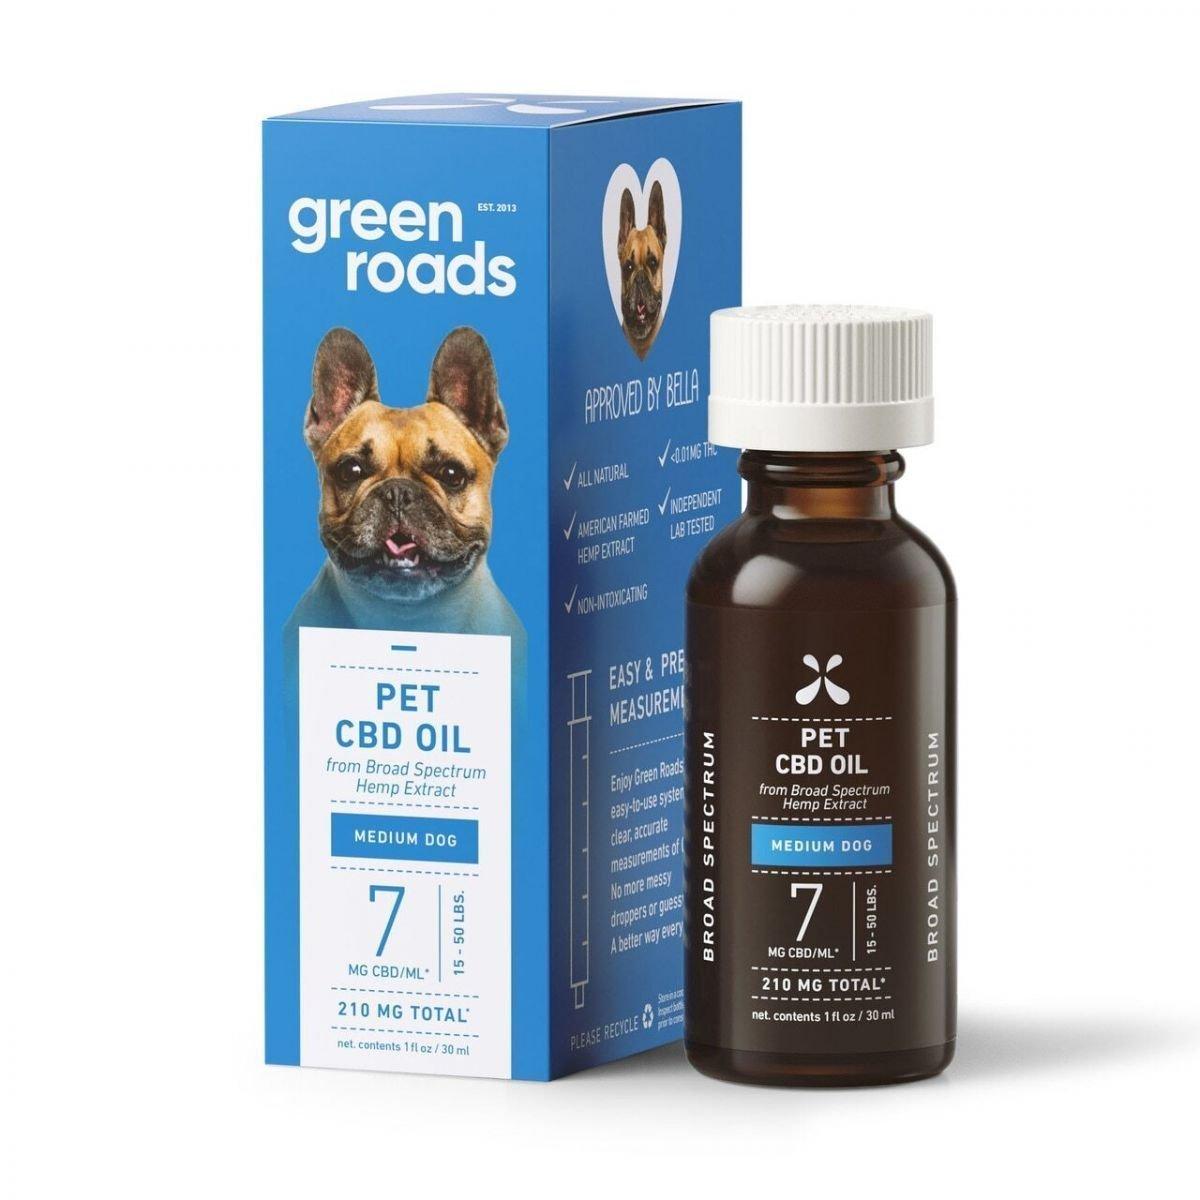 Green Roads CBD Oil for Medium Dogs